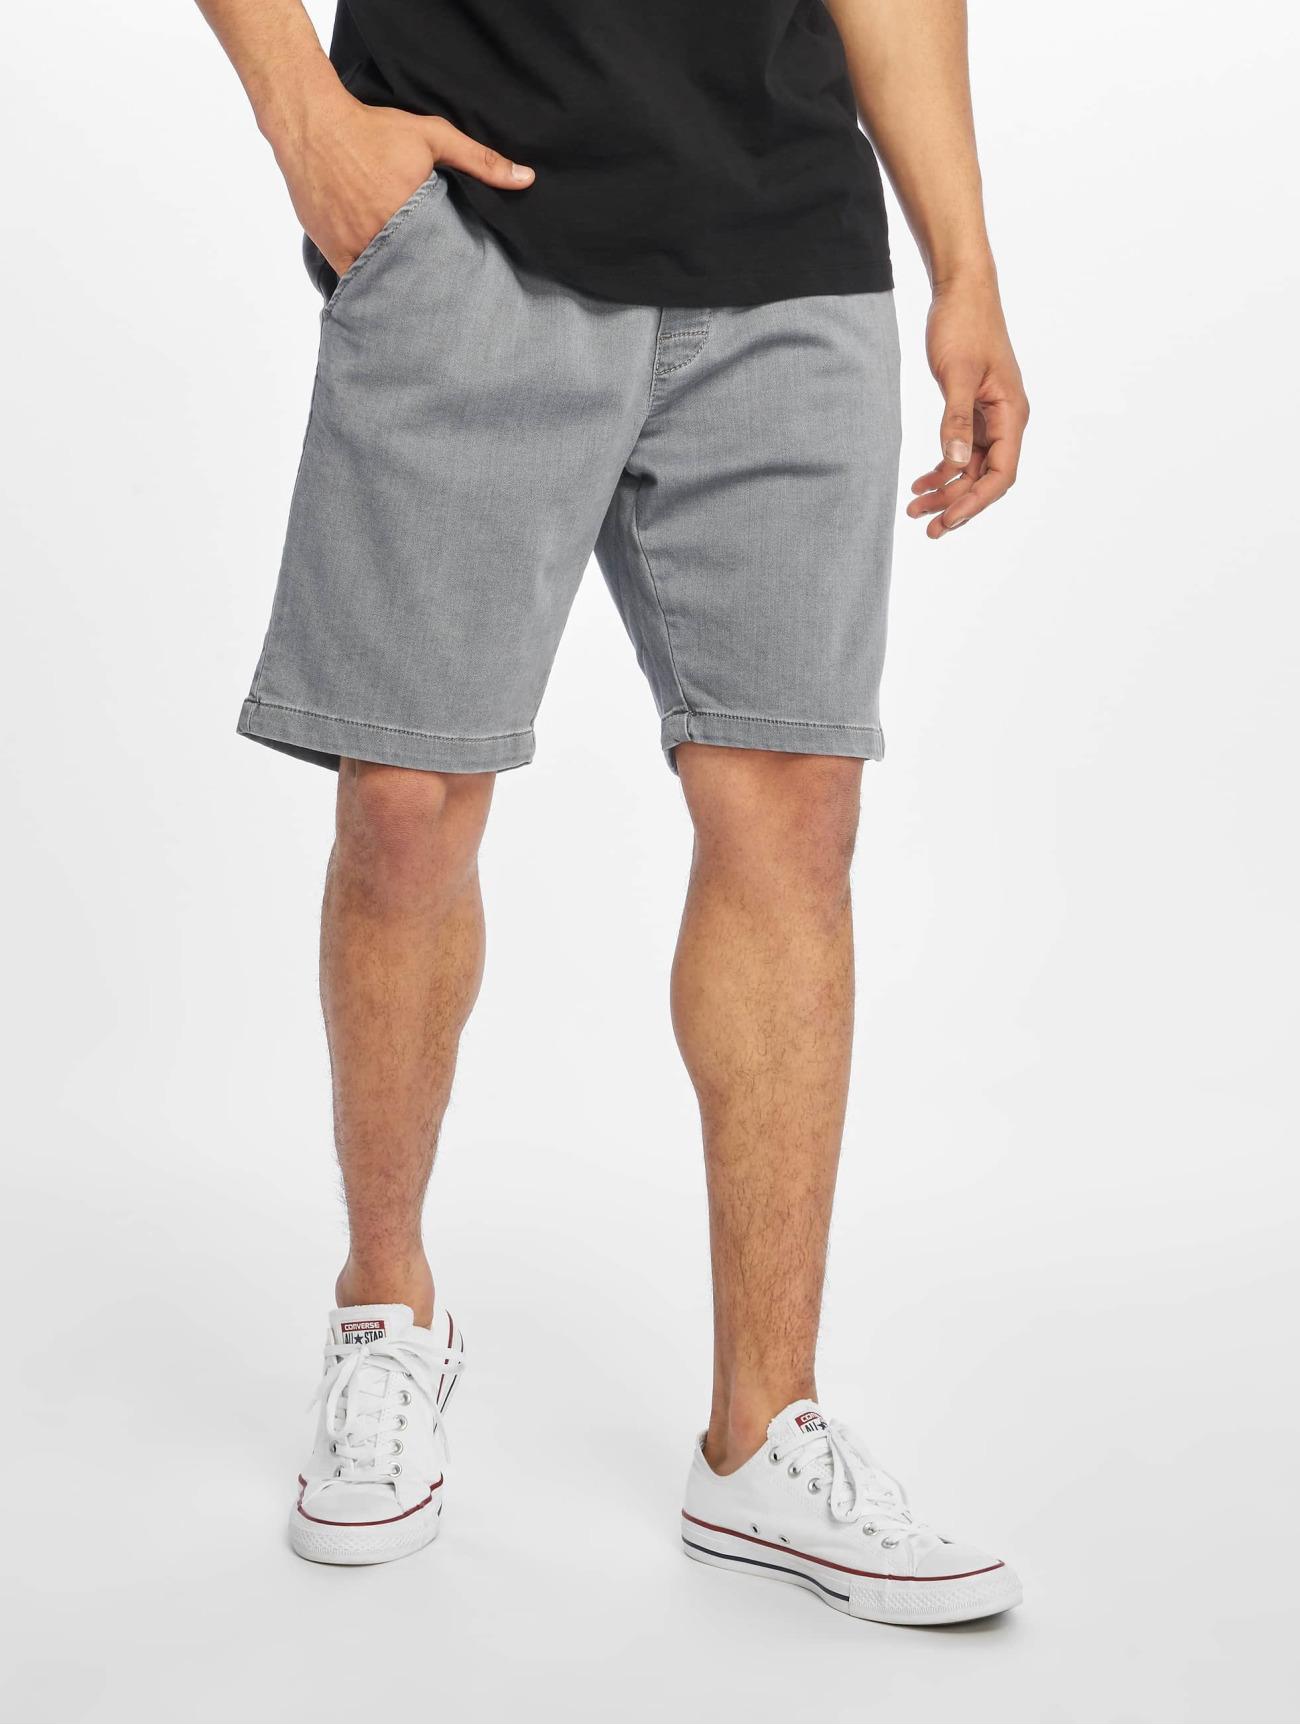 Reell Jeans Byxor / Shorts Reflex Easy i grå 584983 Män Byxor